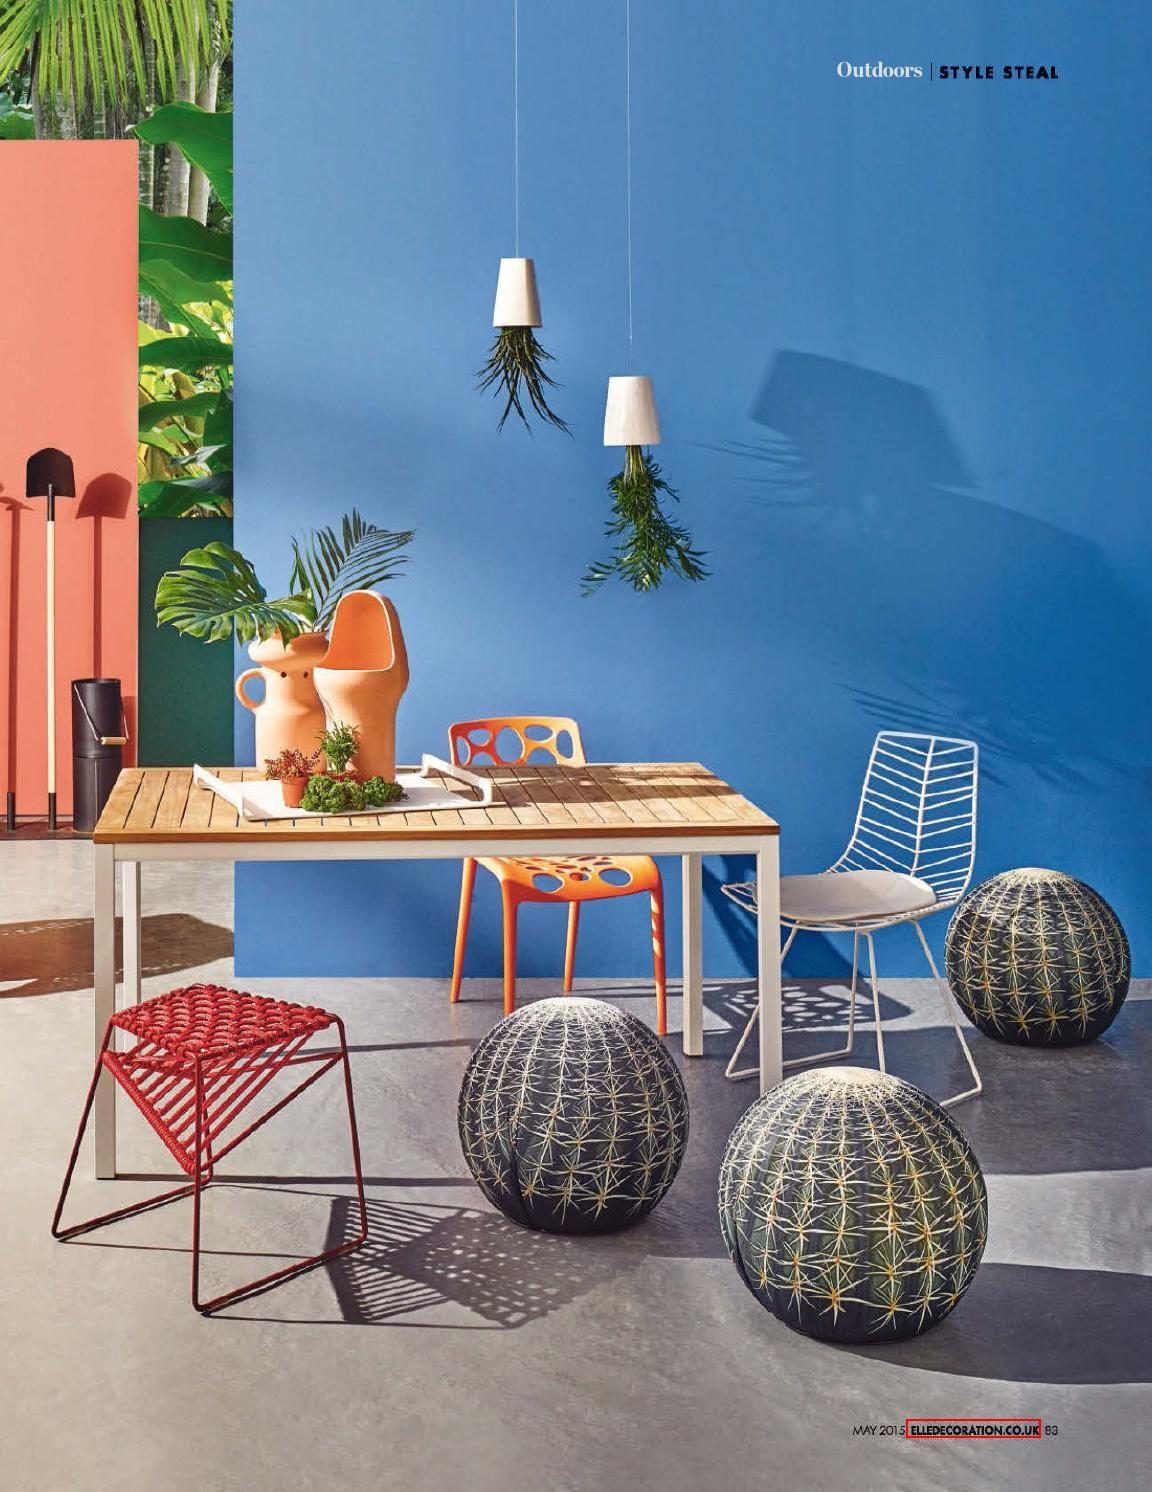 26+ Elle decor outdoor furniture ideas